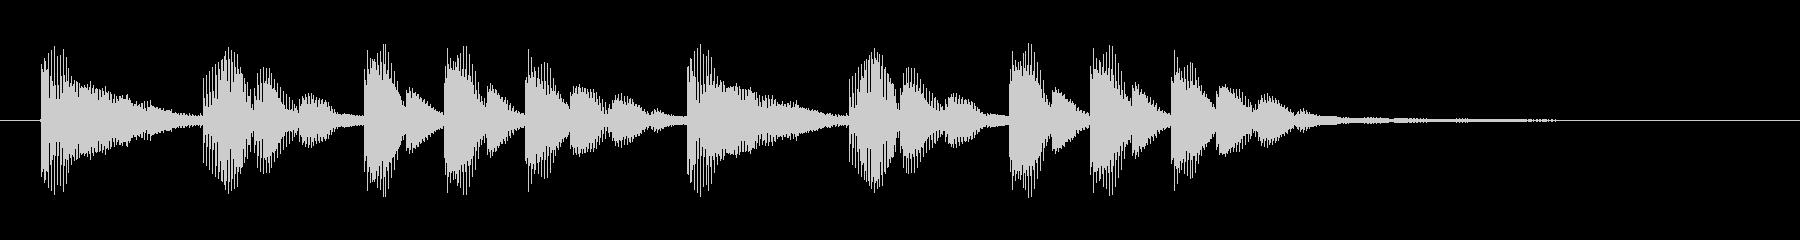 びょぉん☆口琴のアイキャッチ2リバーブの未再生の波形